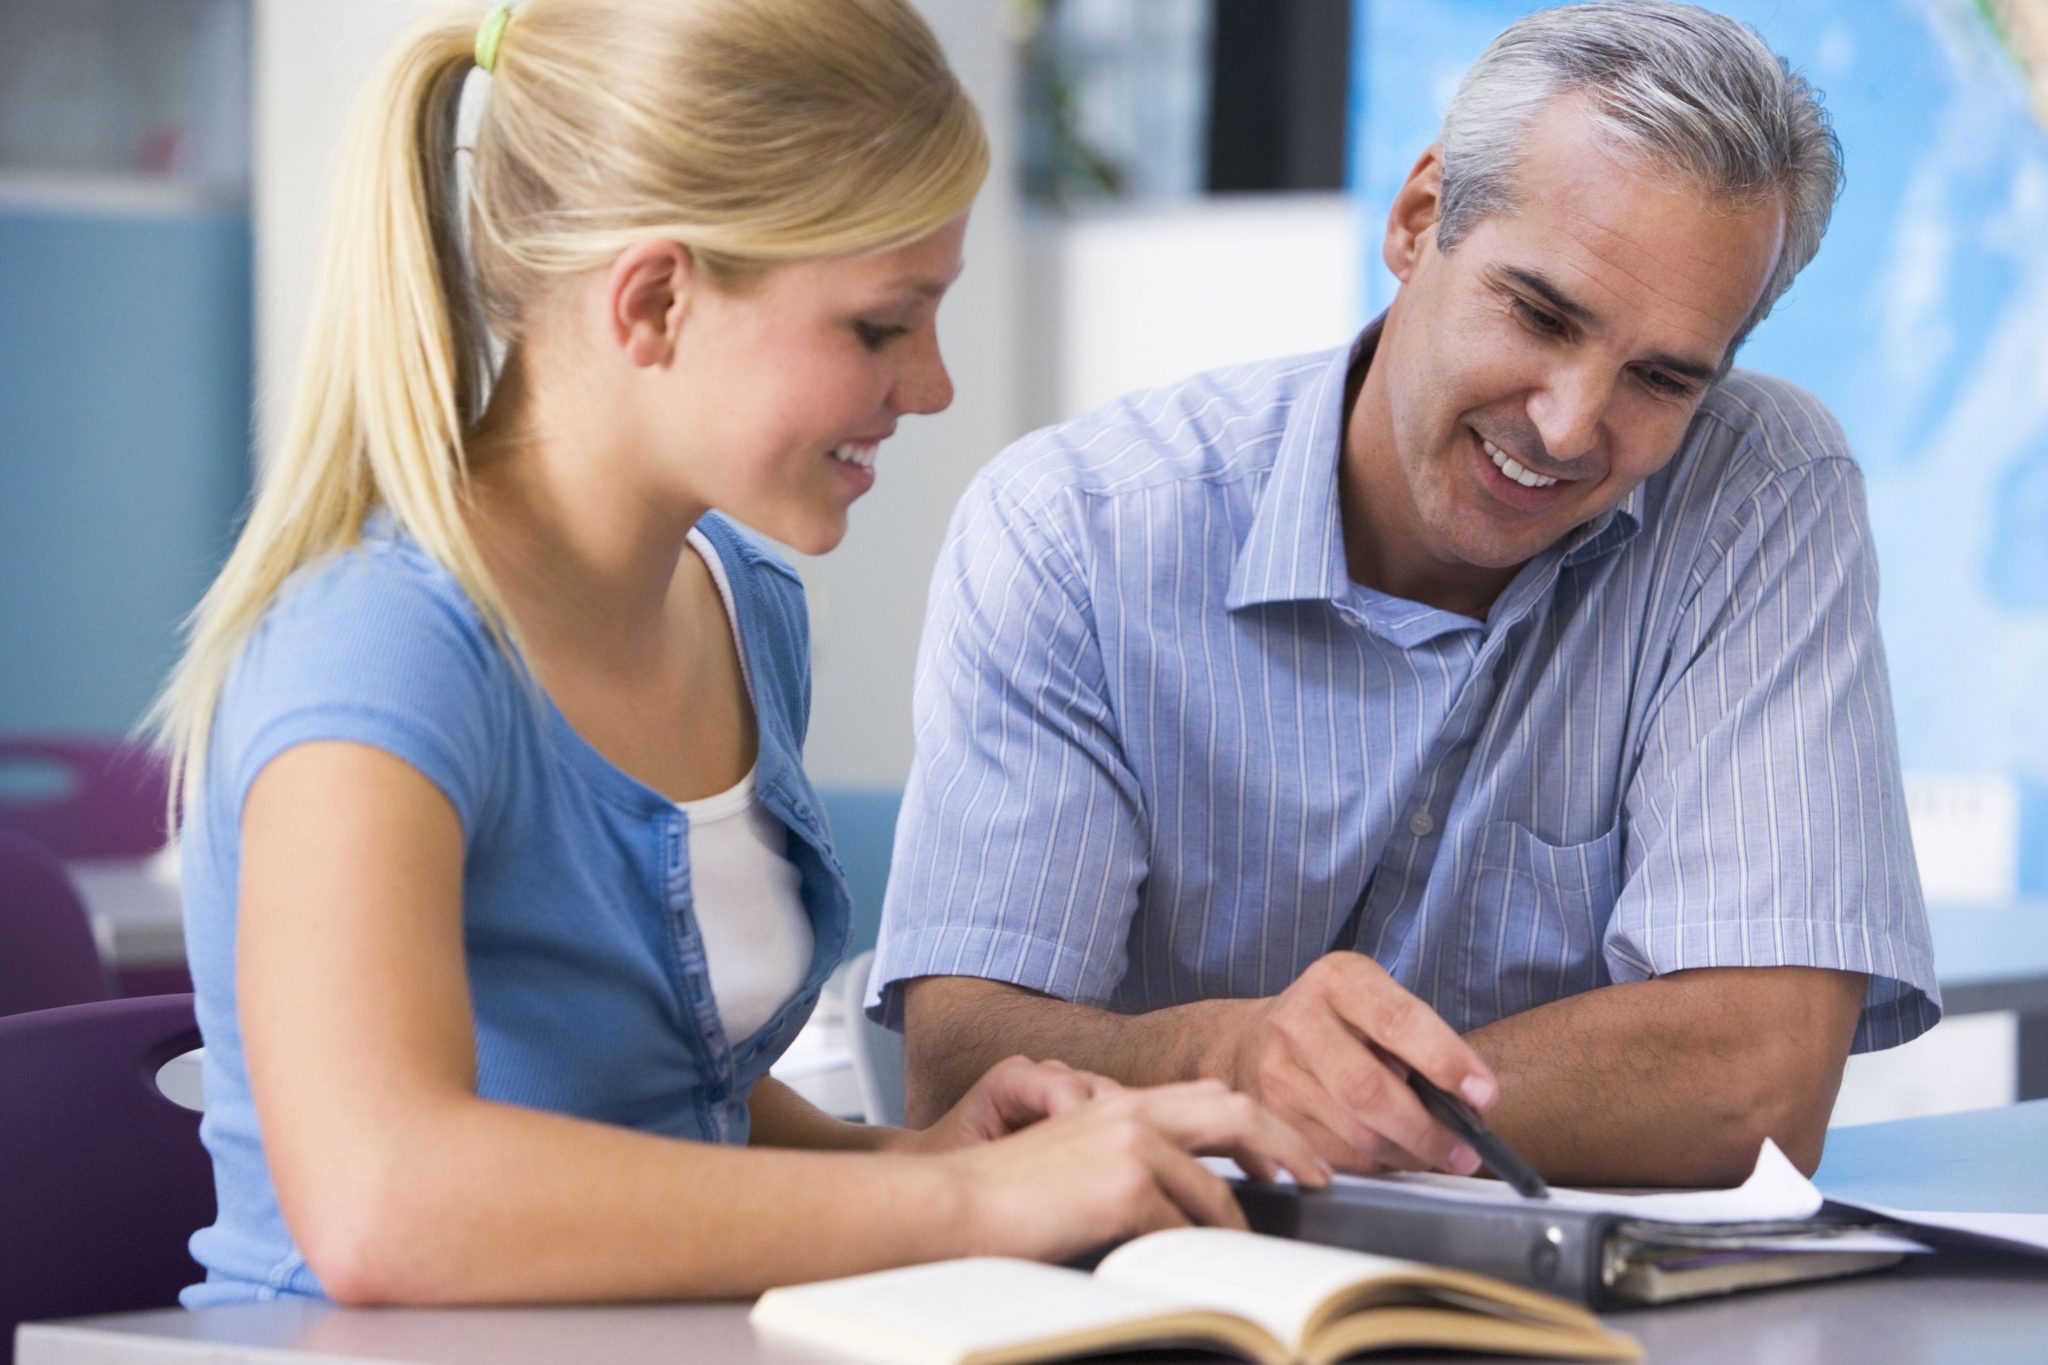 Soutien scolaire à domicile - les enseignants